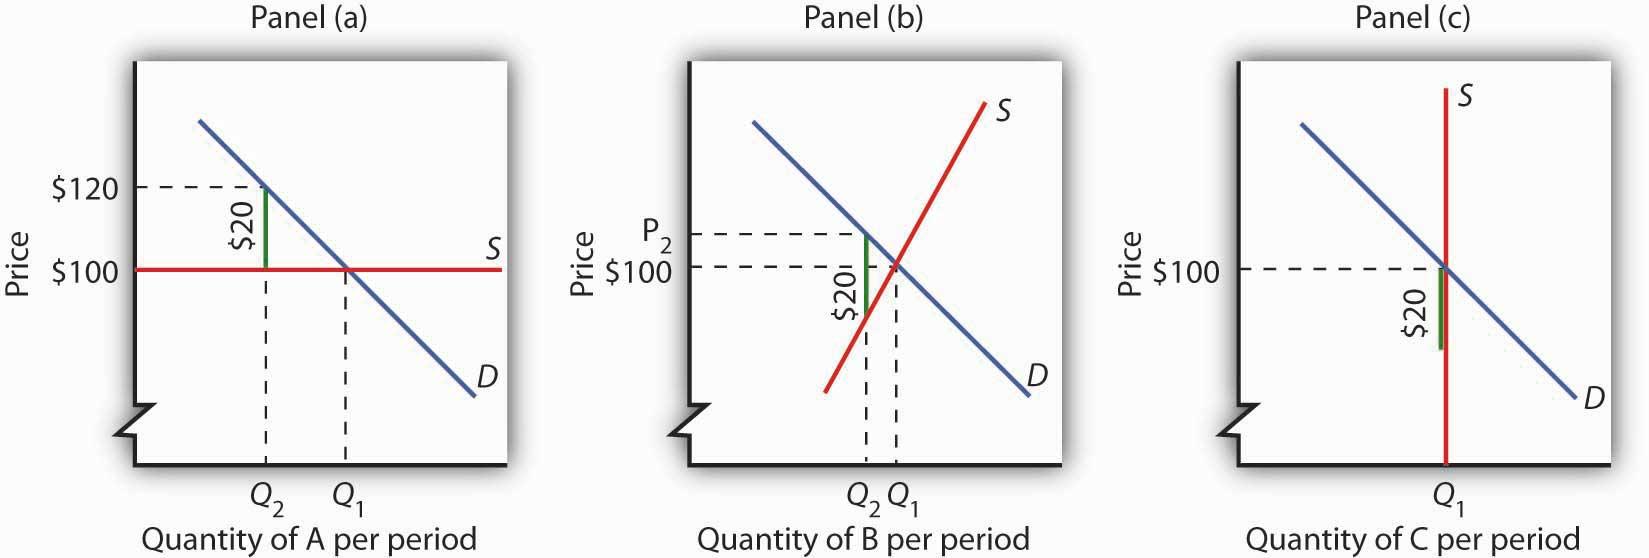 Quantity of A, B, and C per period